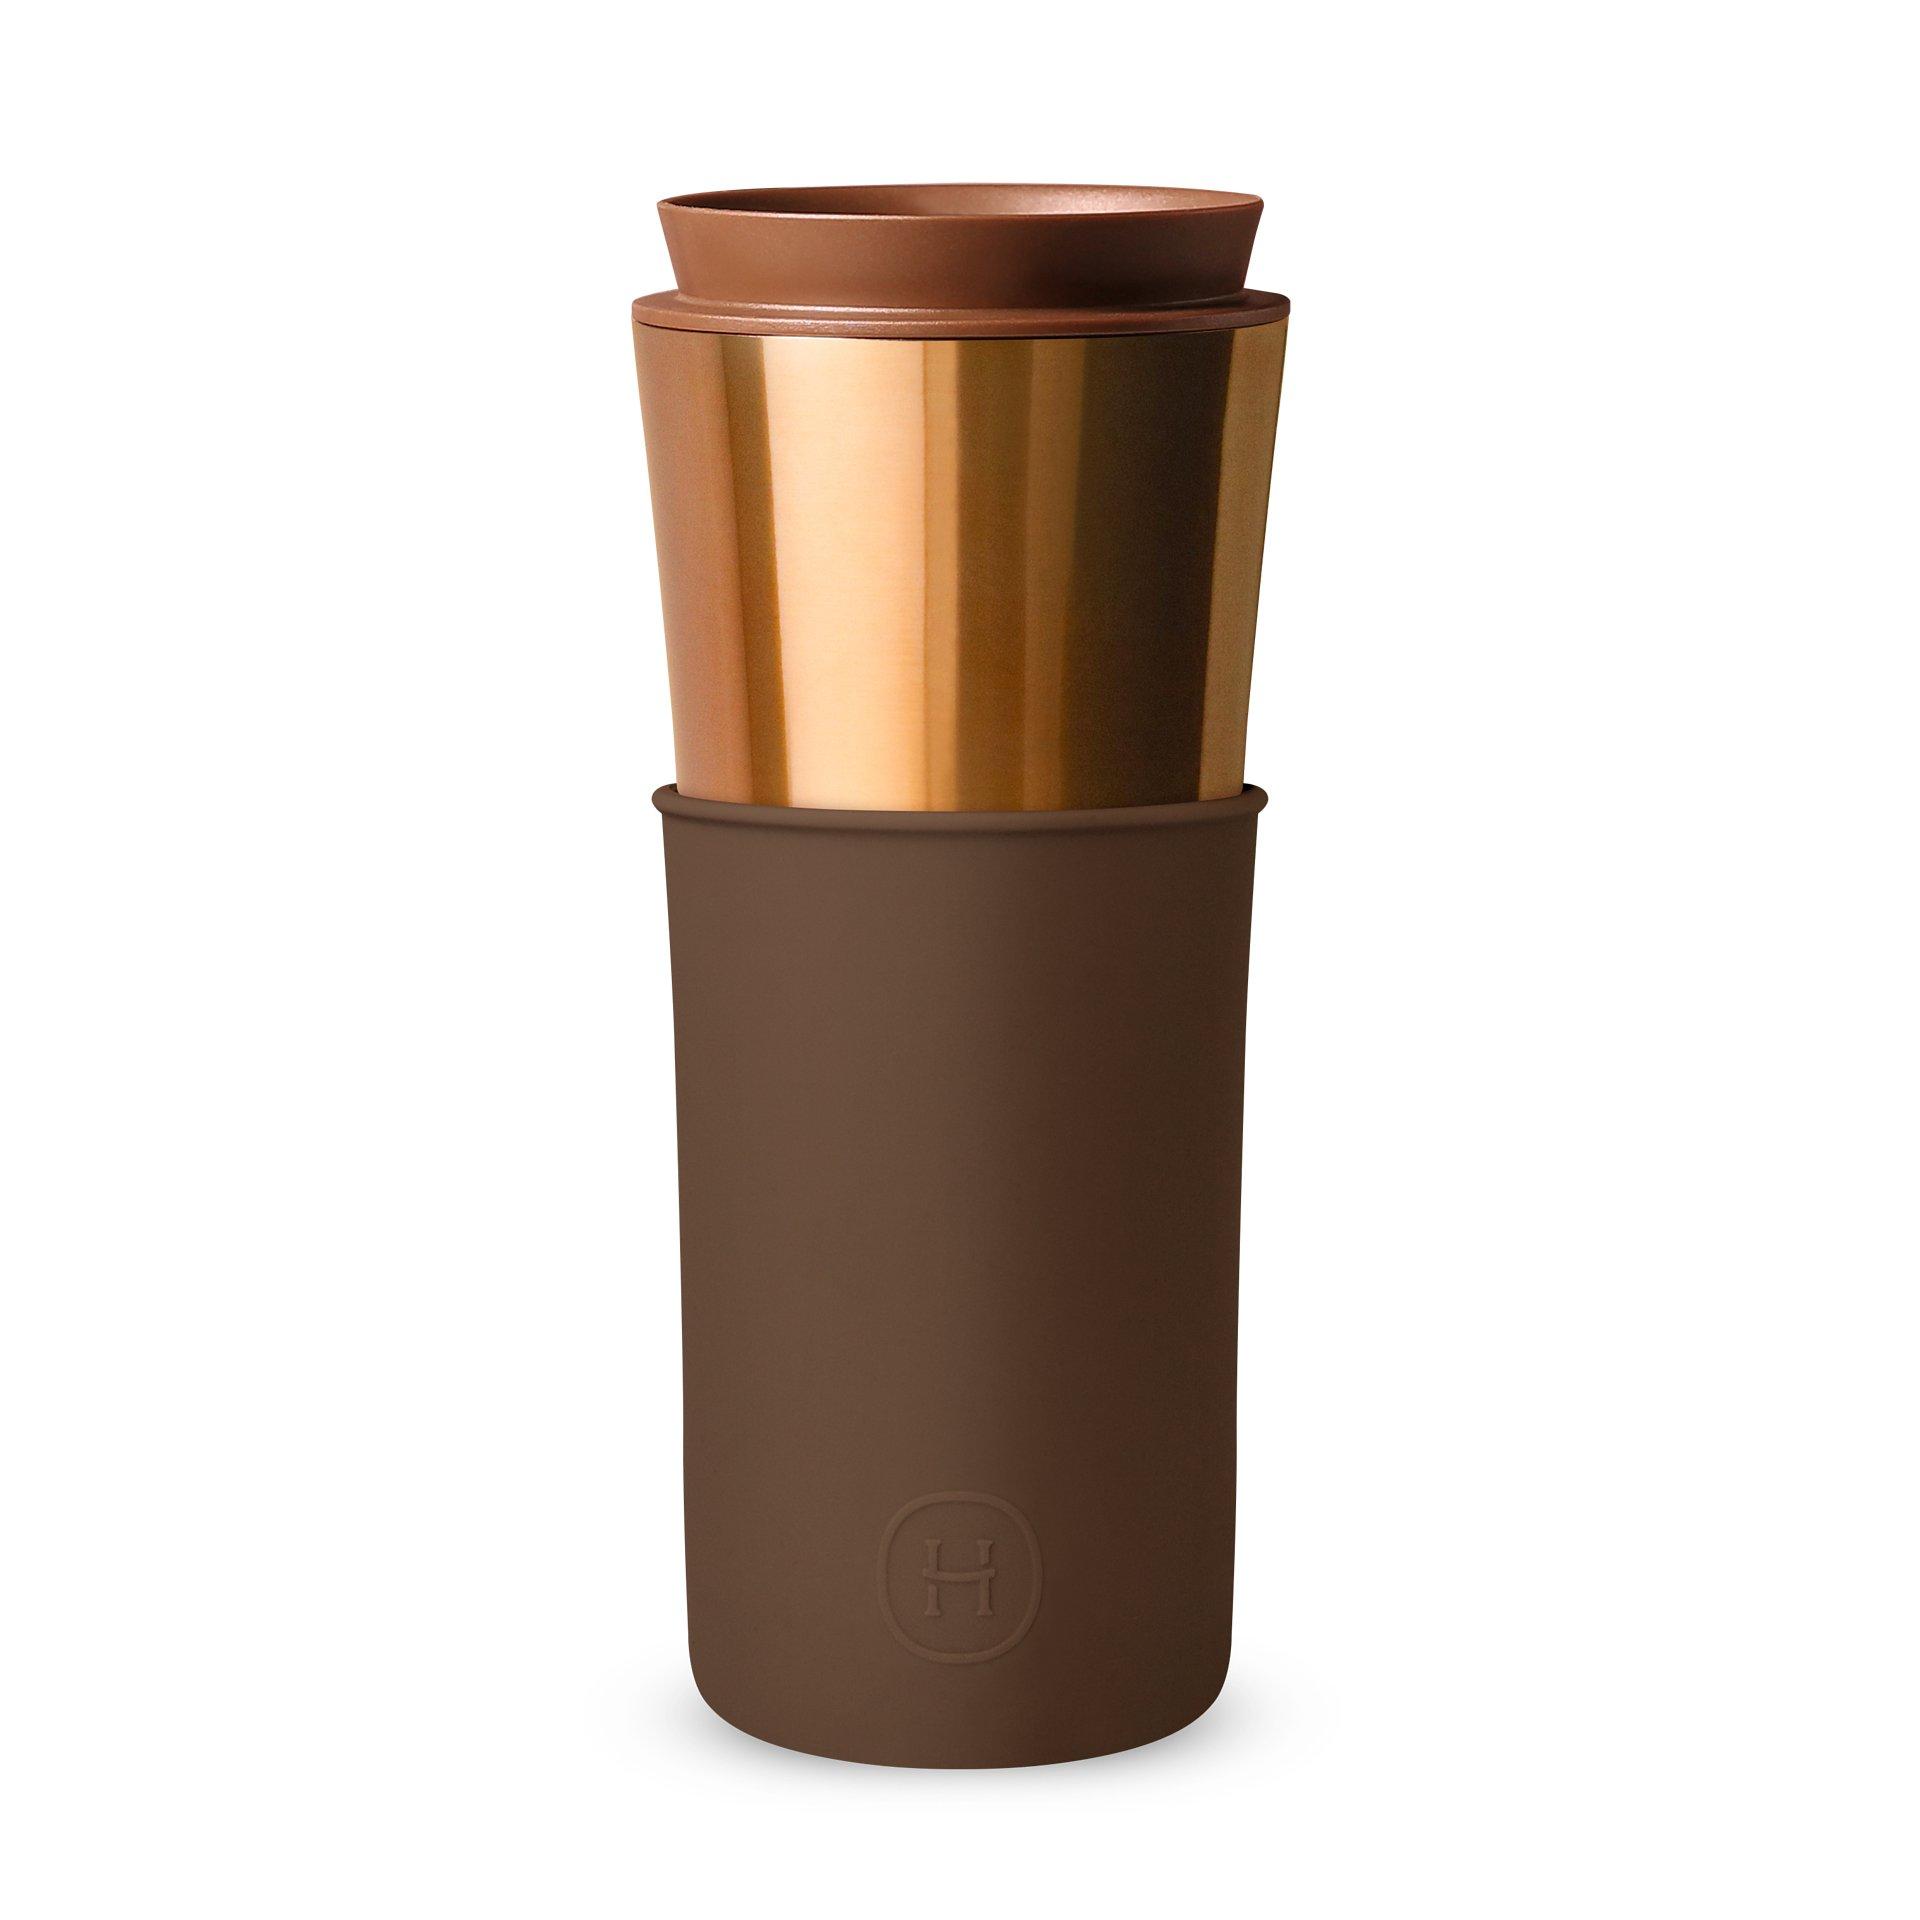 美國 HYDY 兩用隨行保溫杯 450ml 古銅金杯 (摩卡)